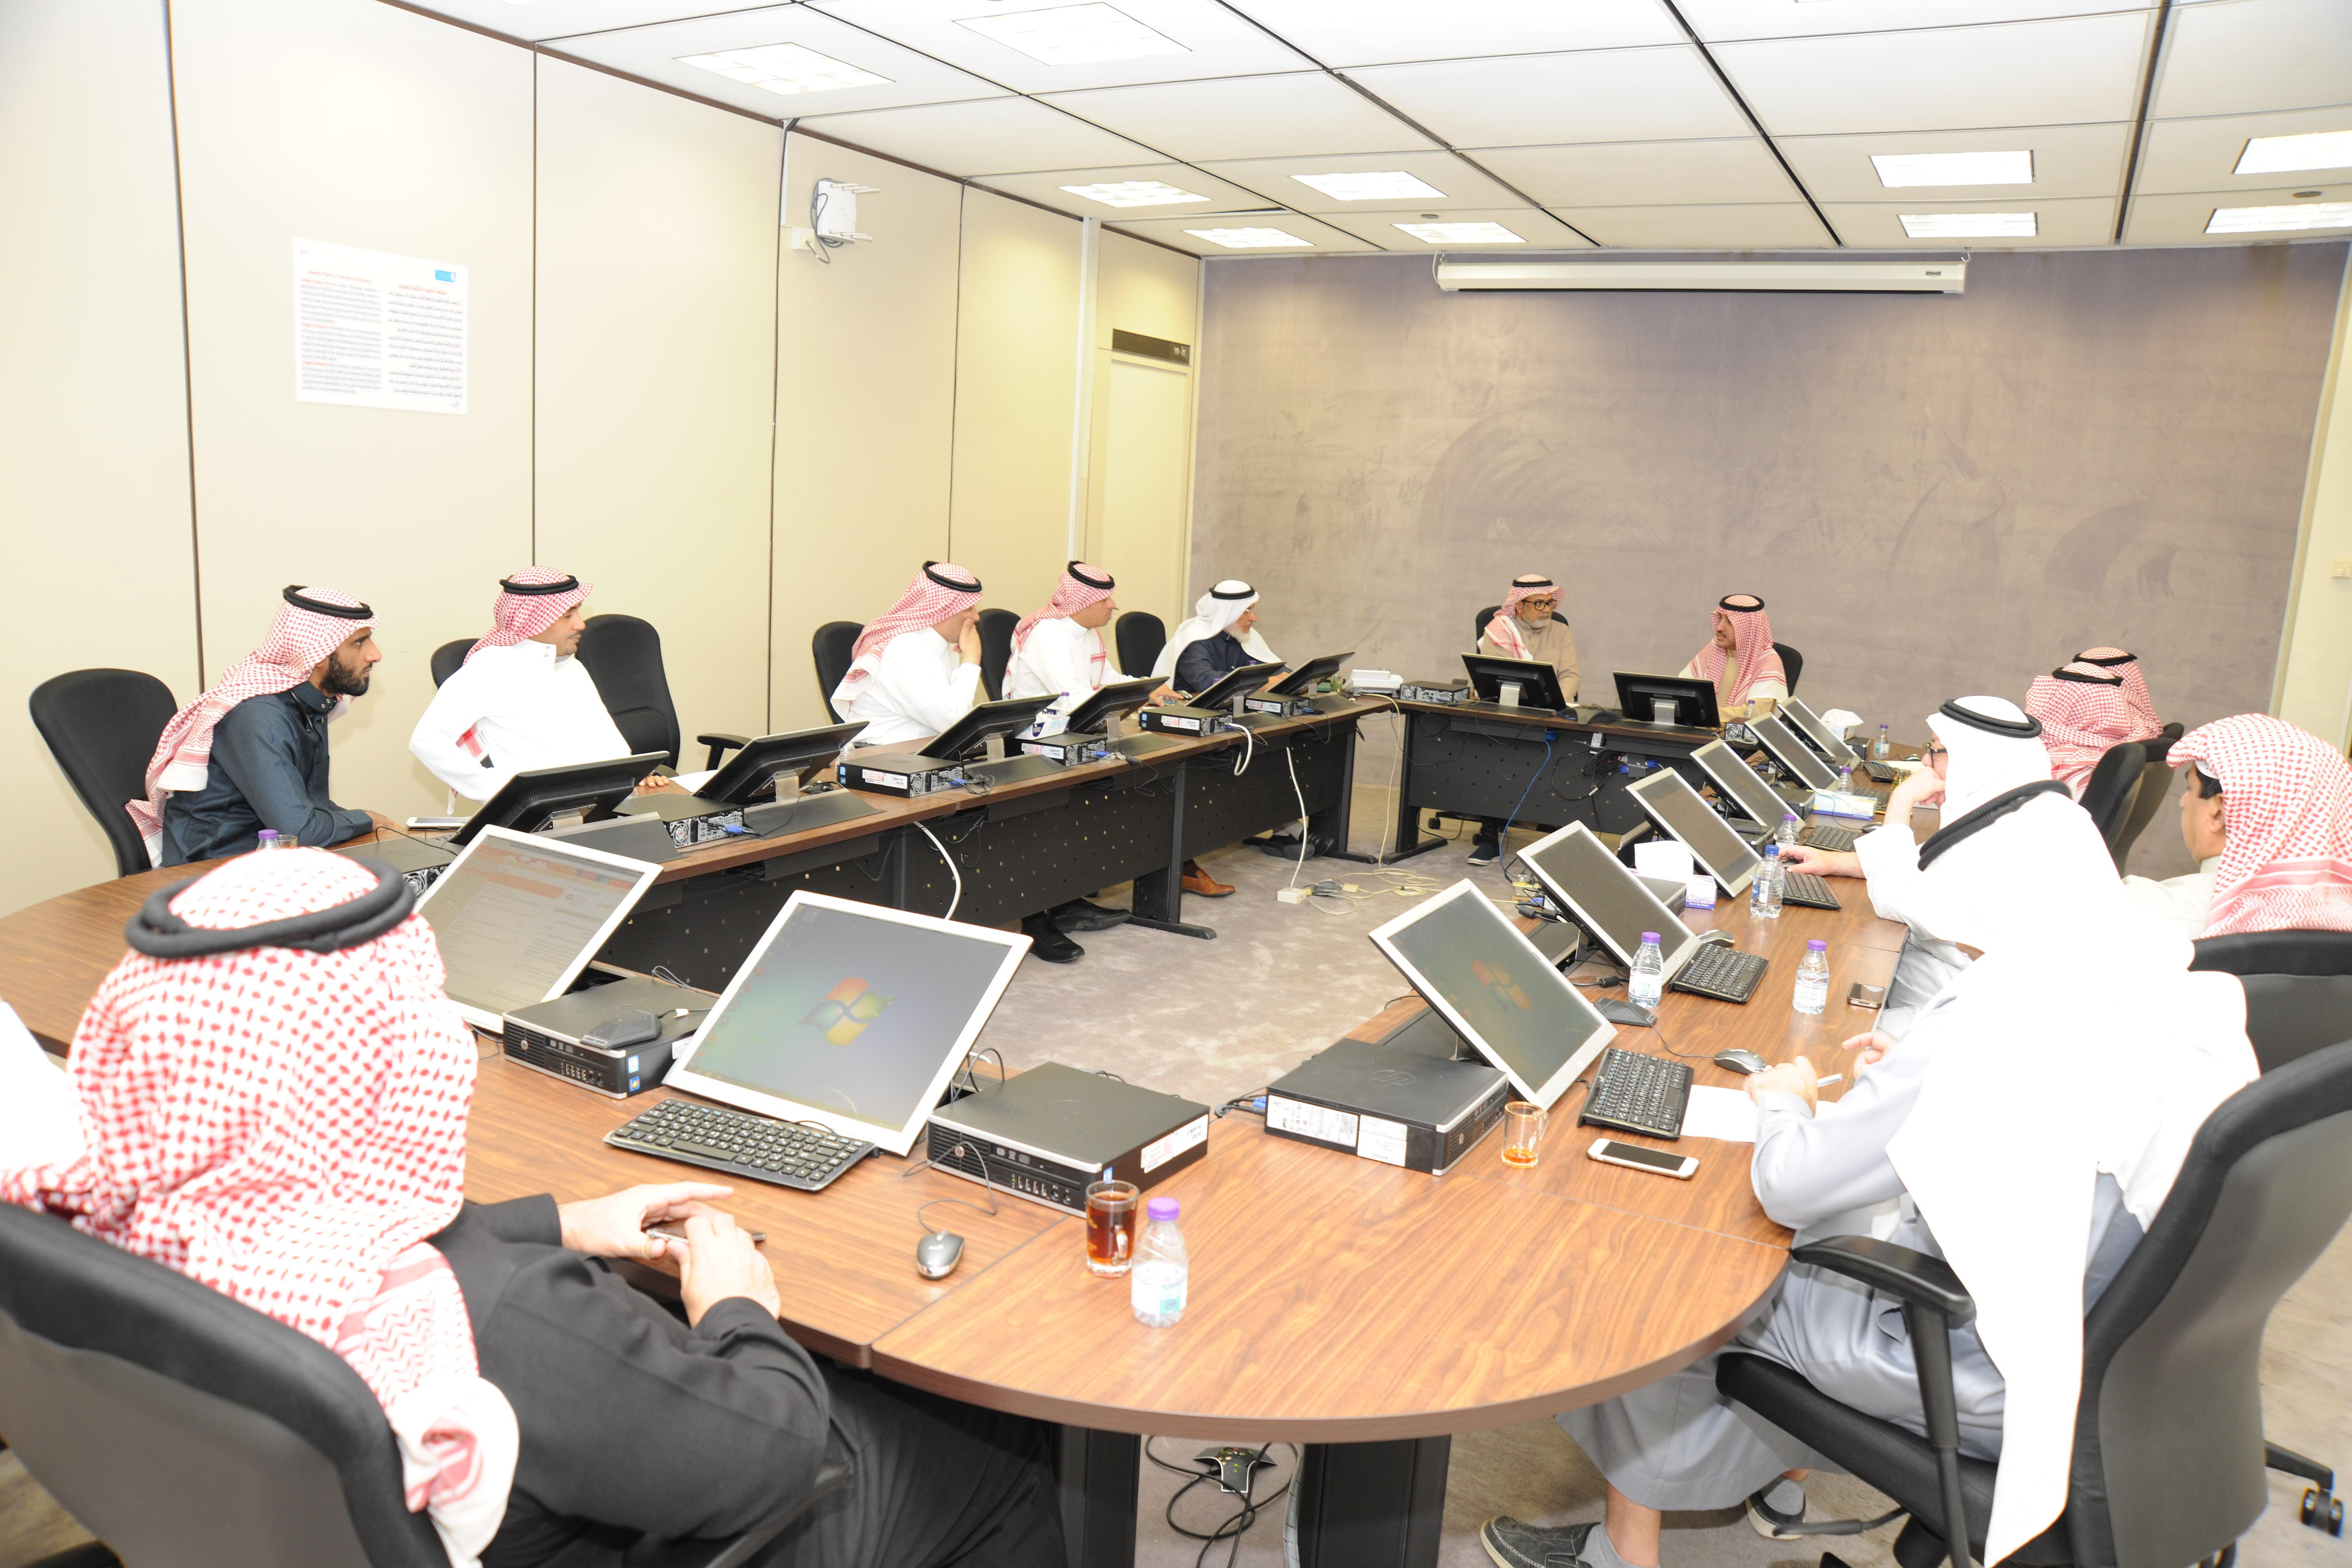 سعادة وكيل الجامعة للتخصصات الصحية الدكتور/ عبدالرحمن المعمر يشارك في اجتماع مجلس كلية العلوم